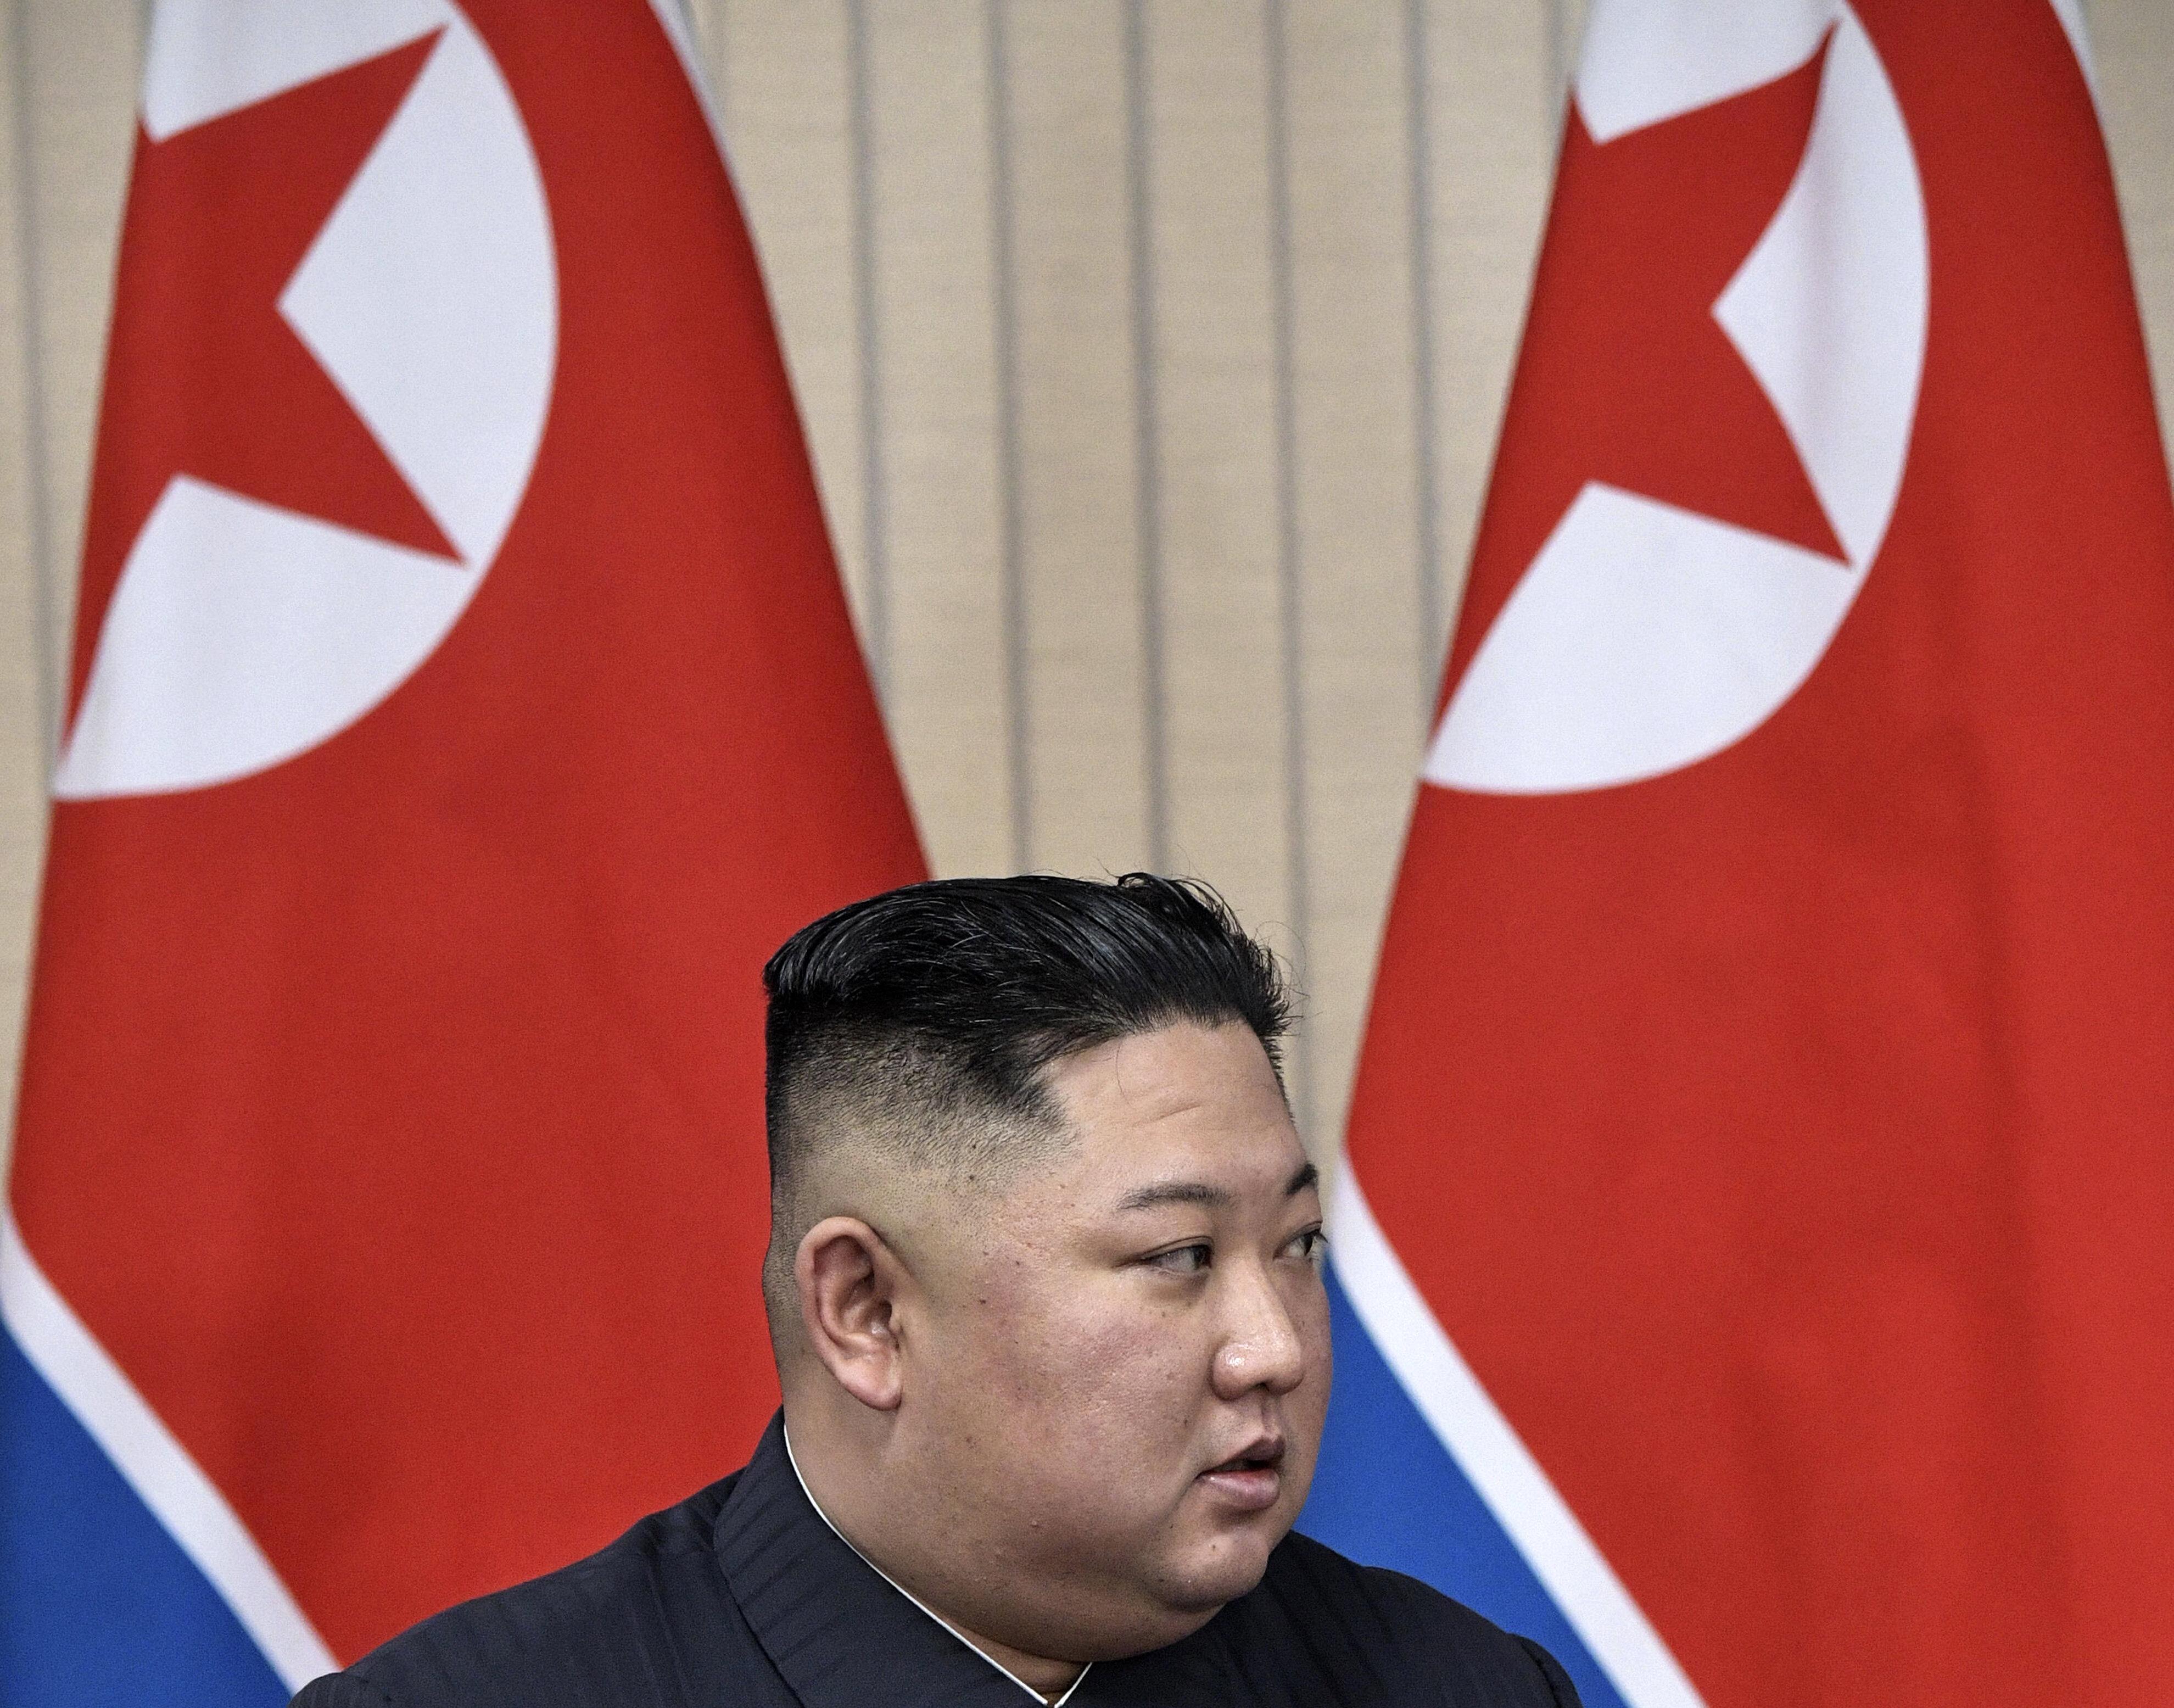 북한이 단거리 발사체 쏜 이유에 대한